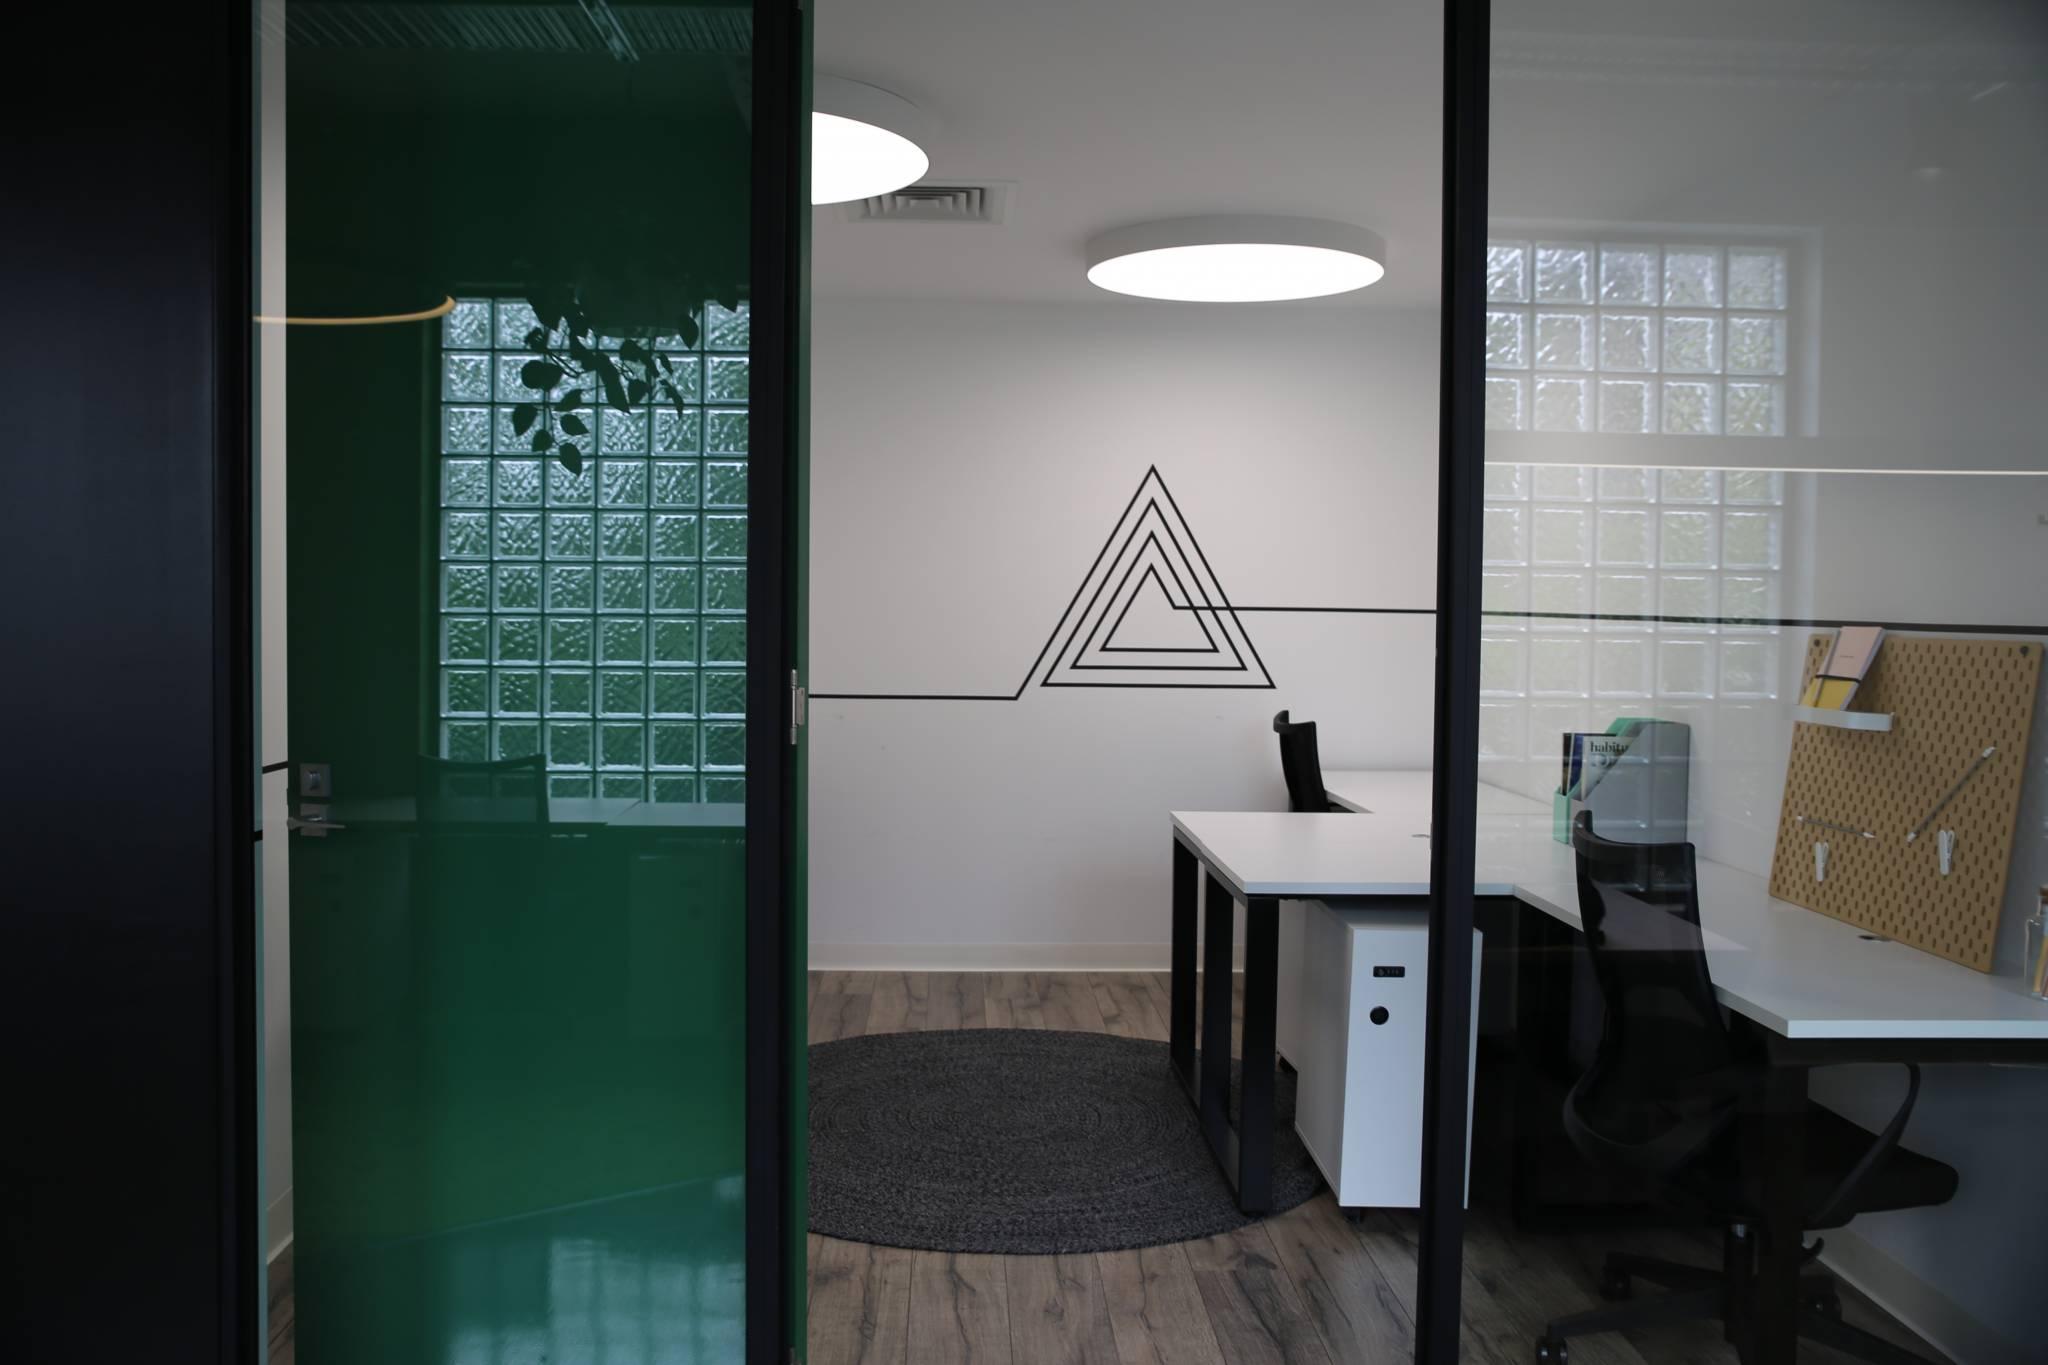 Five person pod office